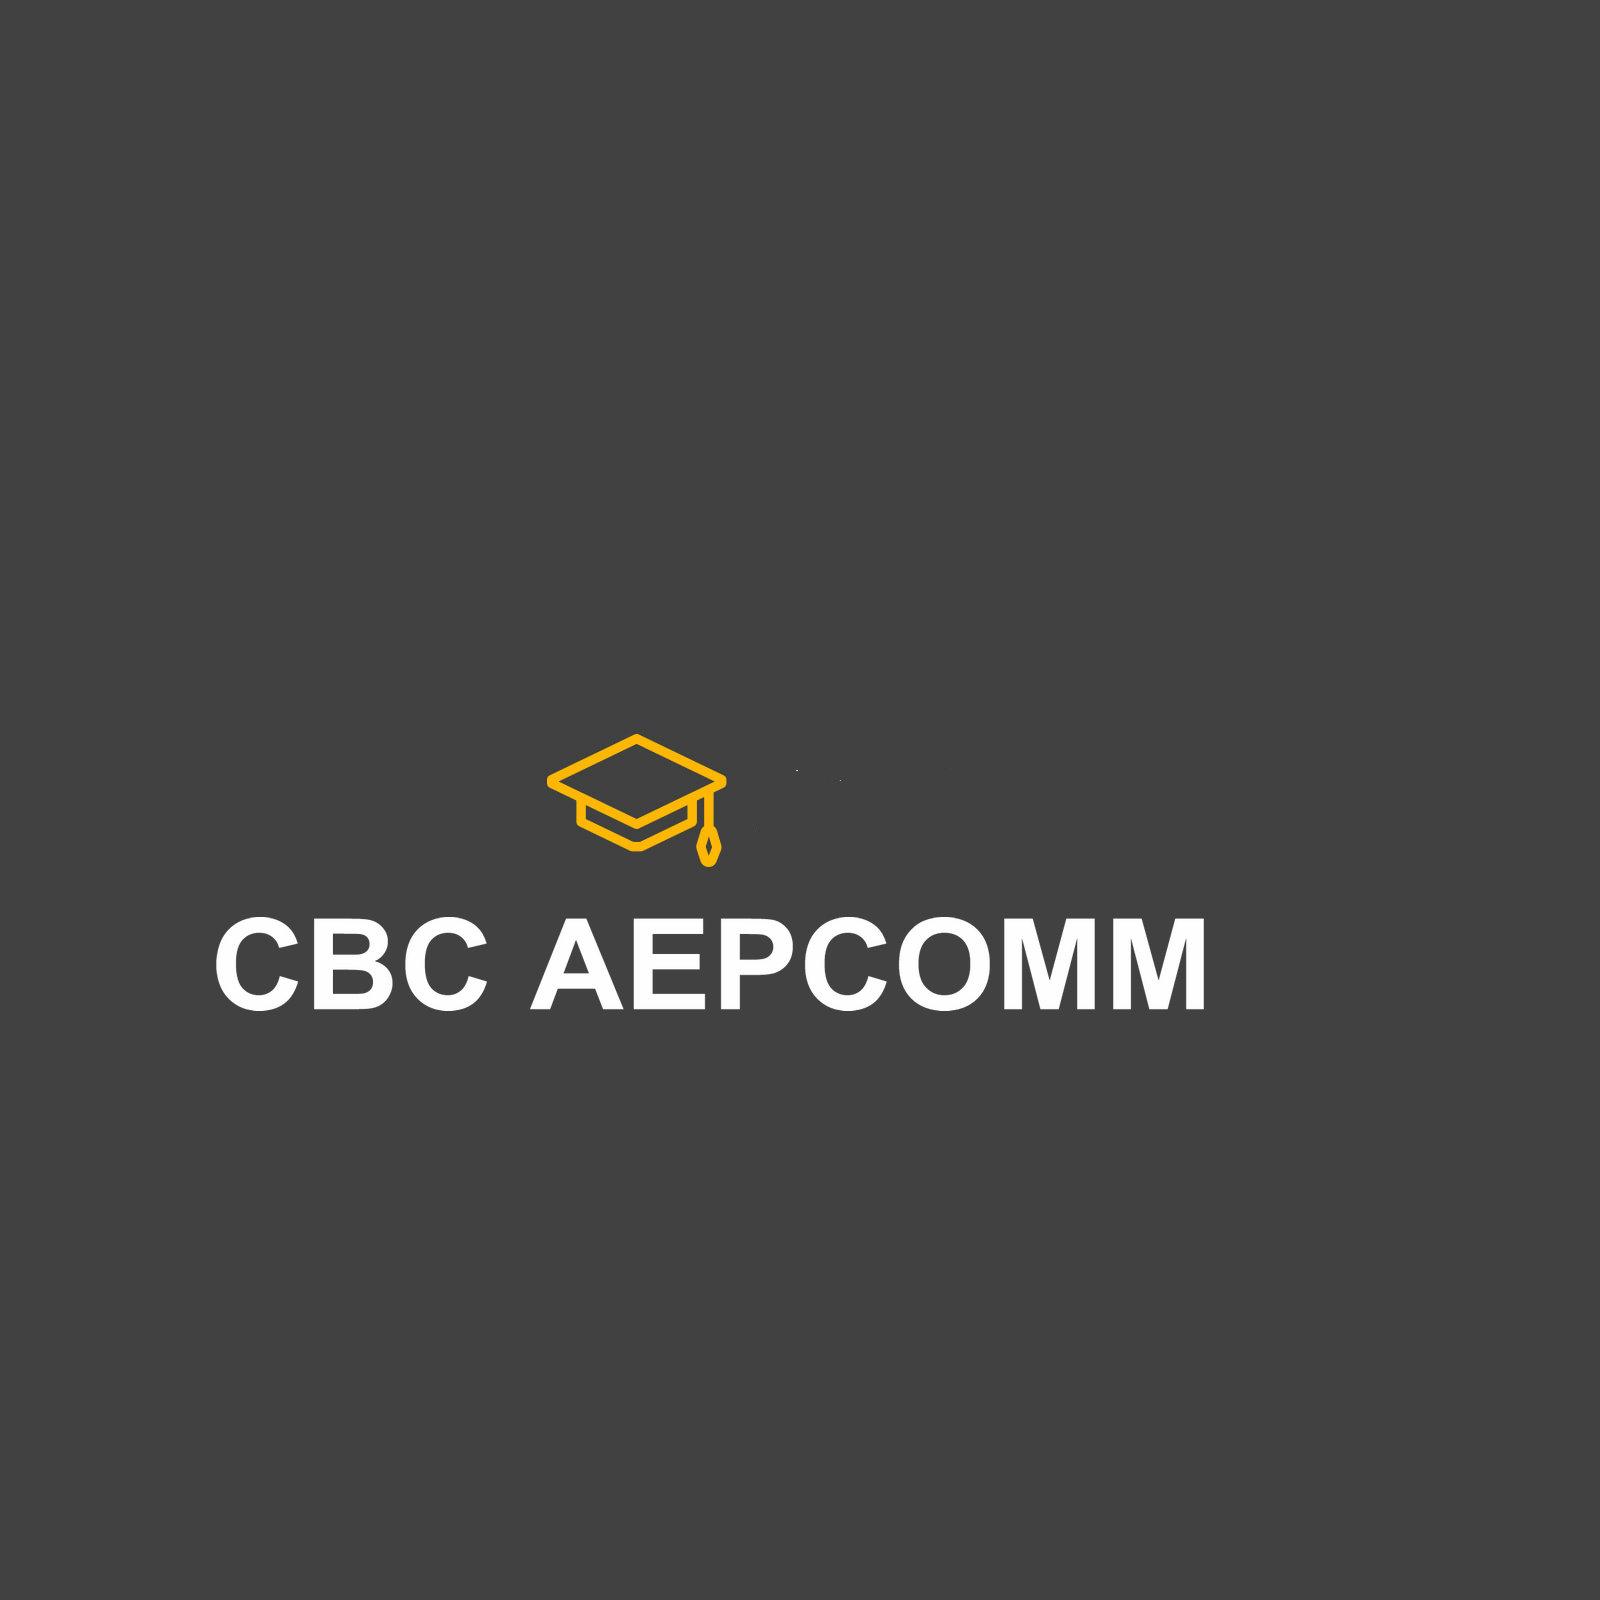 cbc_image